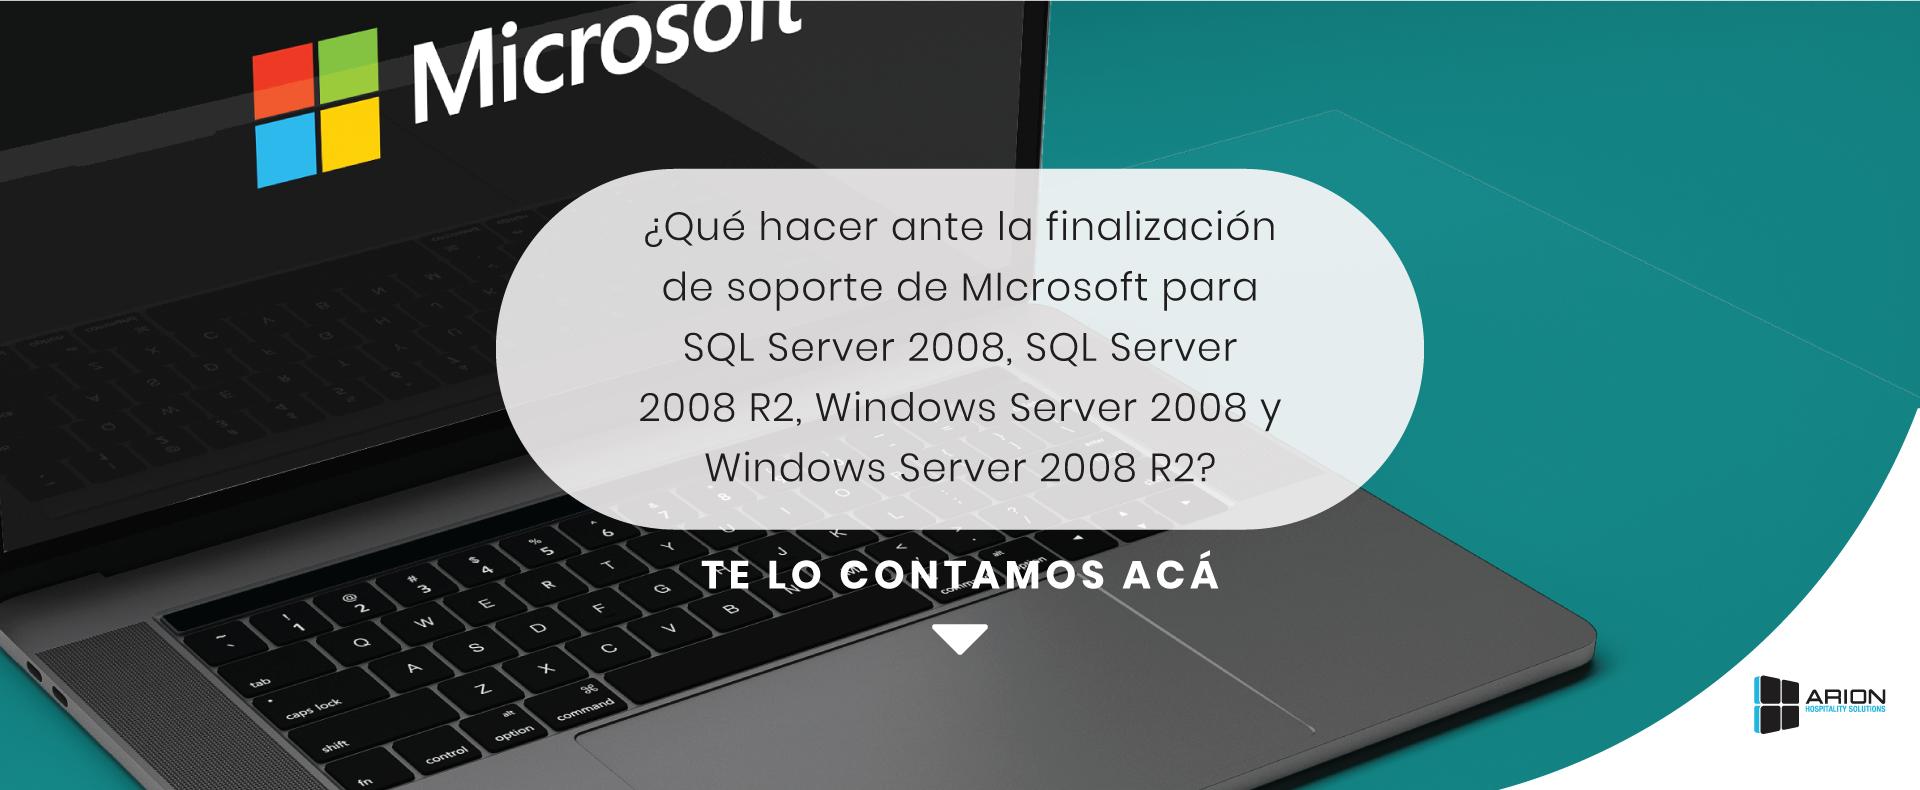 Microsoft anunció el final de soporte para SQL Server 2008 y Windows Server 2008.